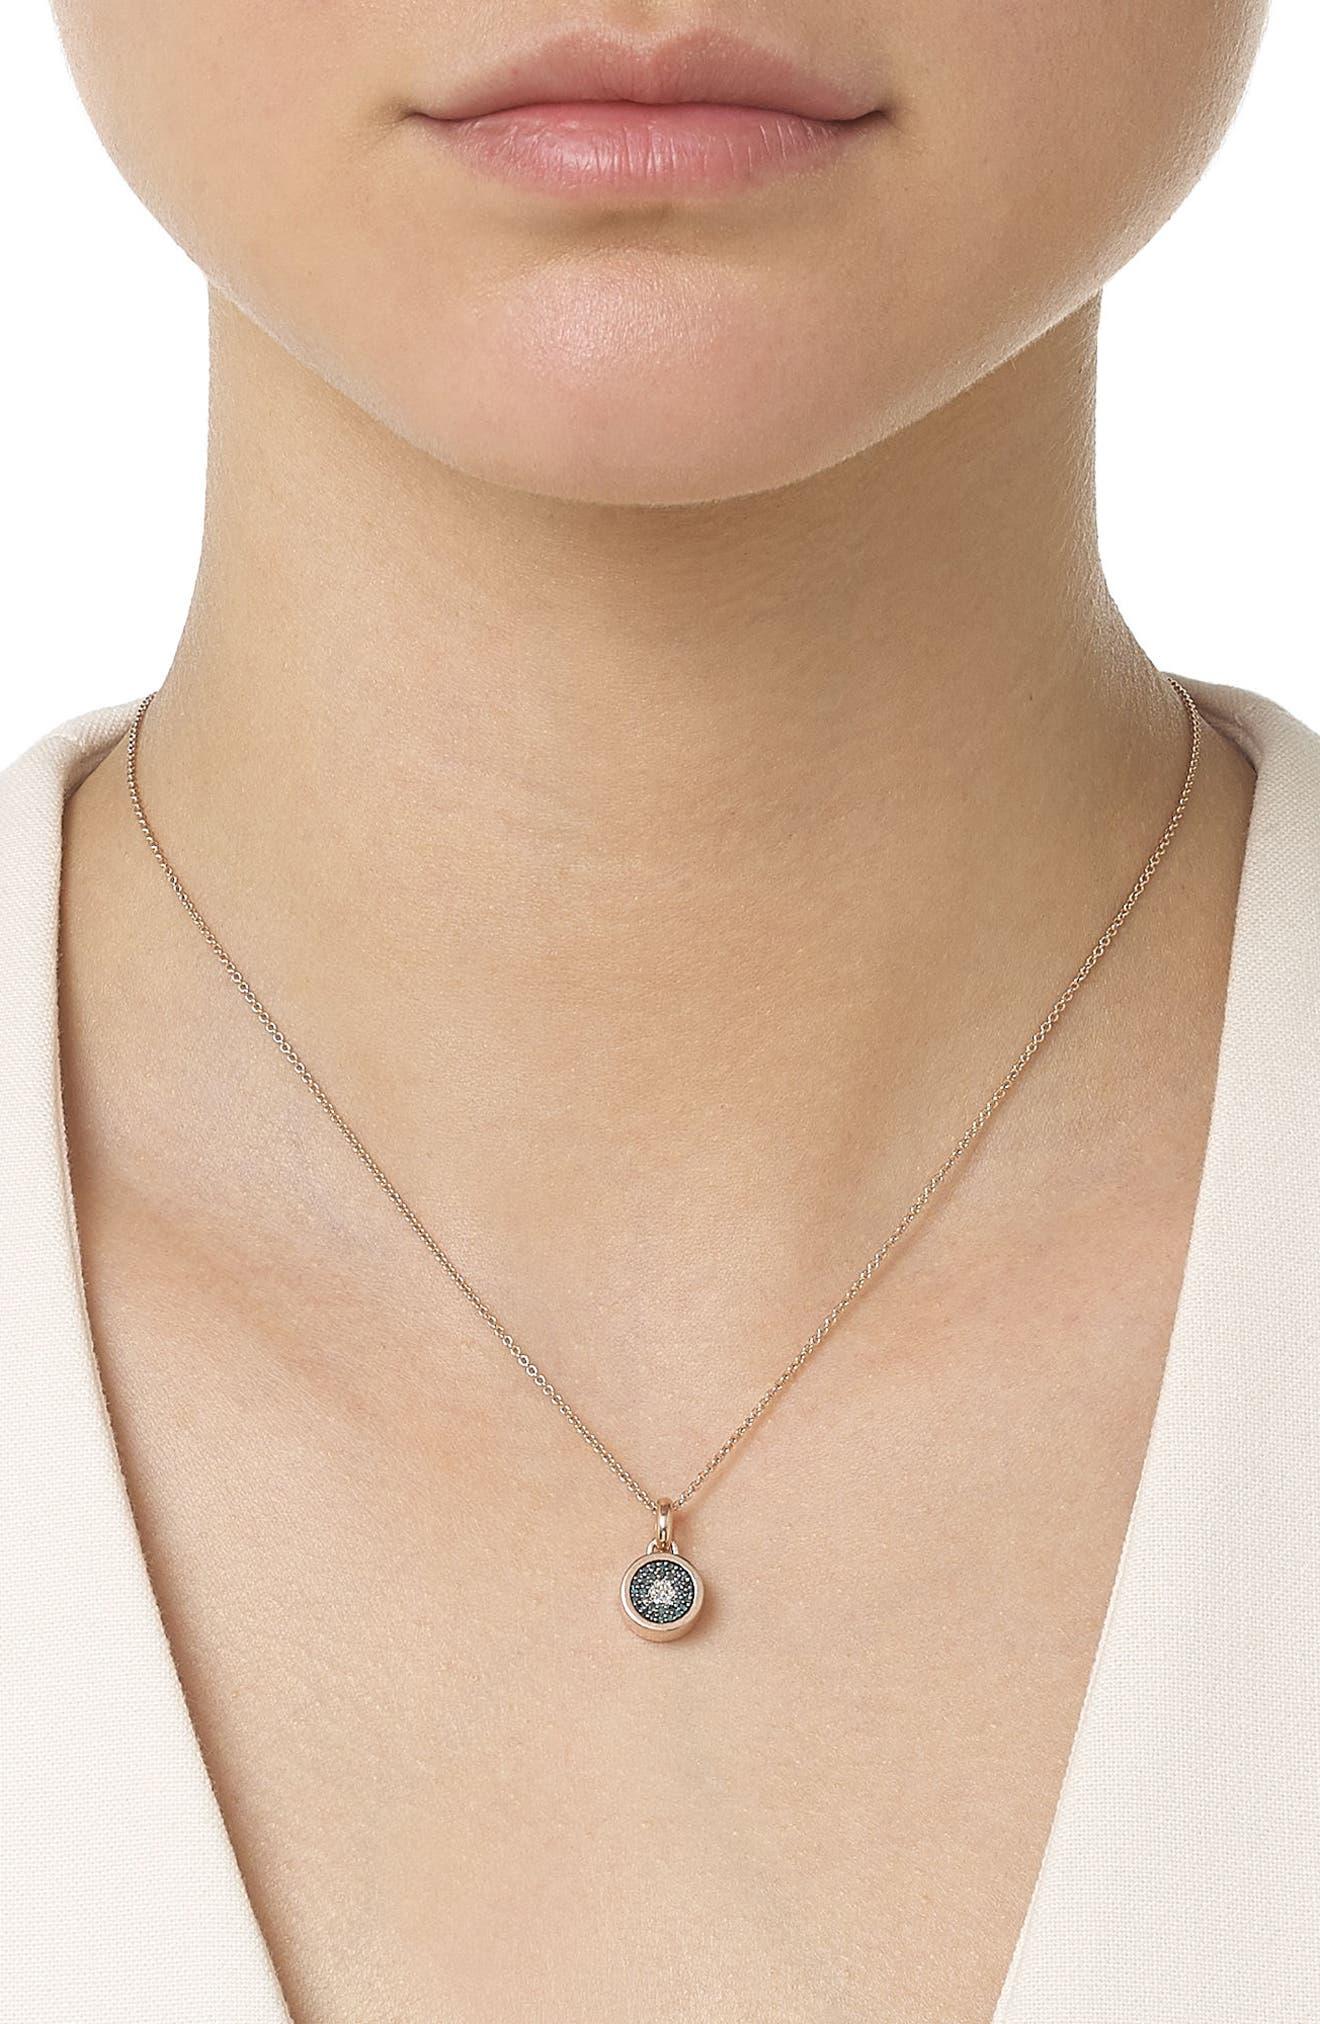 MONICA VINADER, Evil Eye Diamond Pendant Charm, Alternate thumbnail 2, color, ROSE GOLD/ DIAMOND